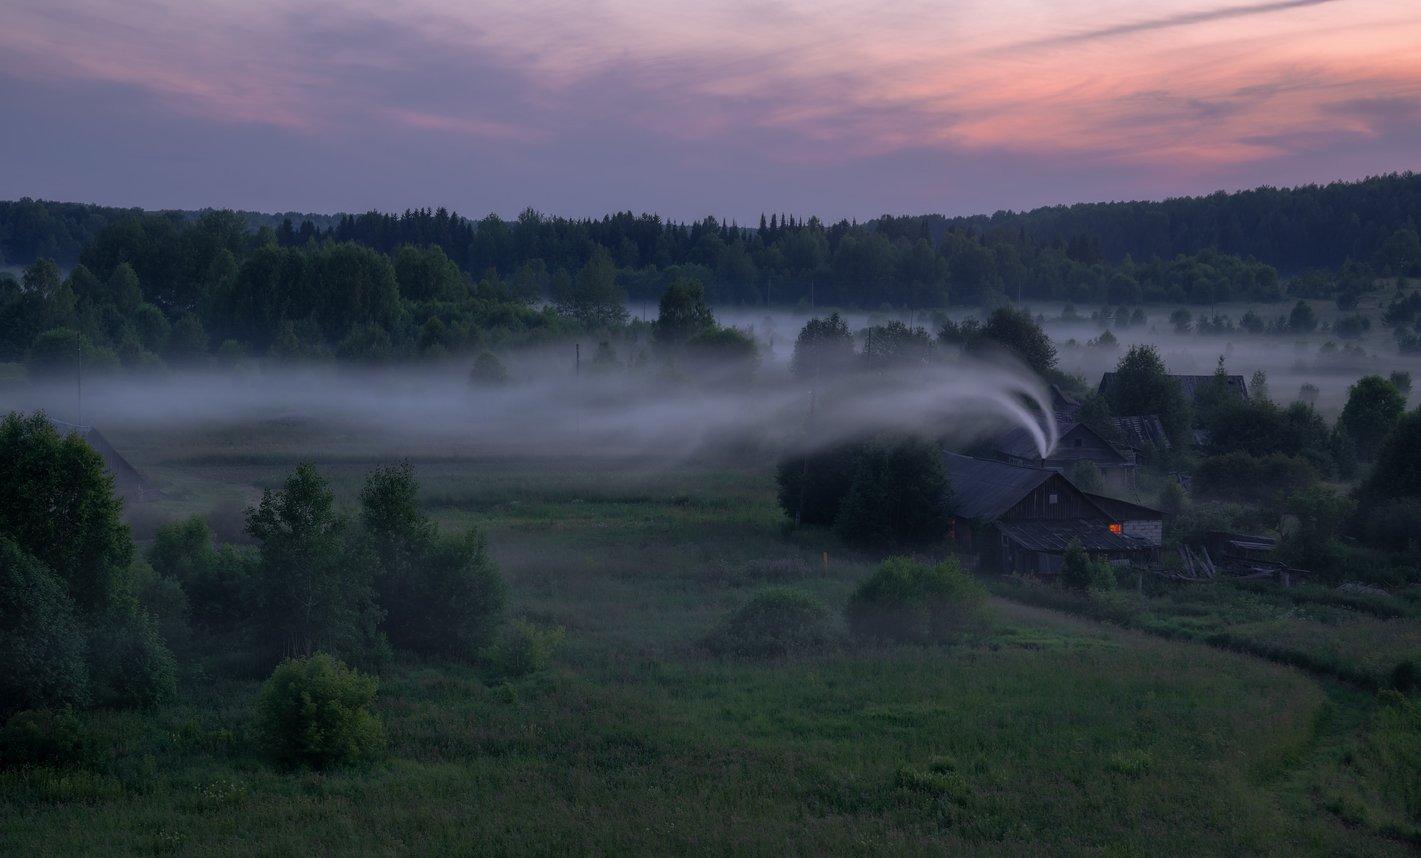 село, сумерки, туман, дымок, Архипкин Александр